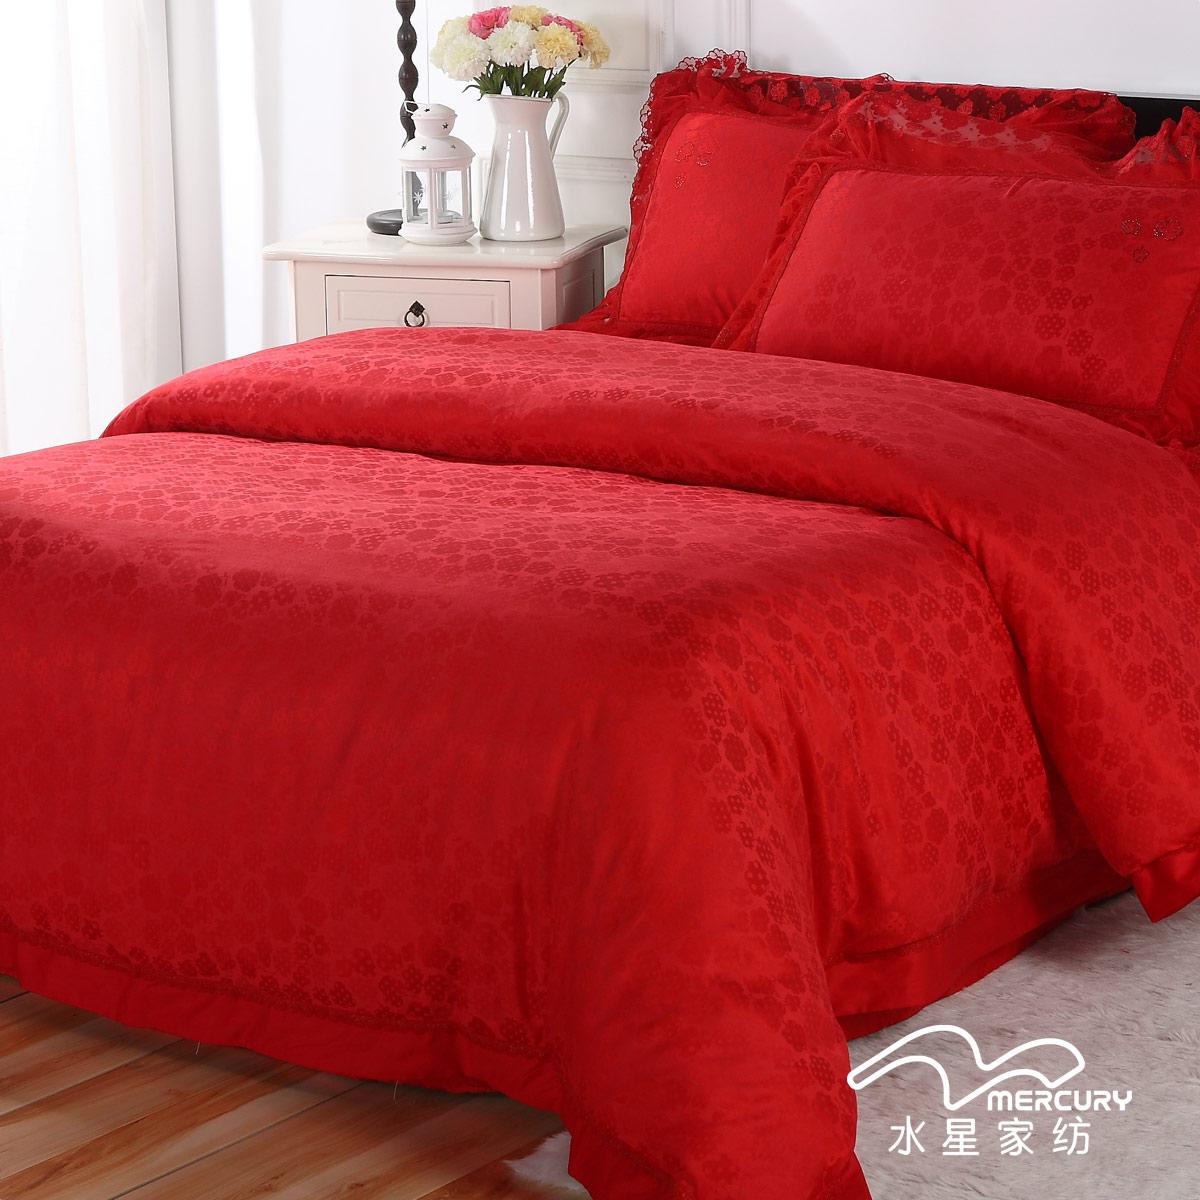 水星家纺婚庆大提花八件套甜心 婚庆床上用品包邮 婚庆多件套红色